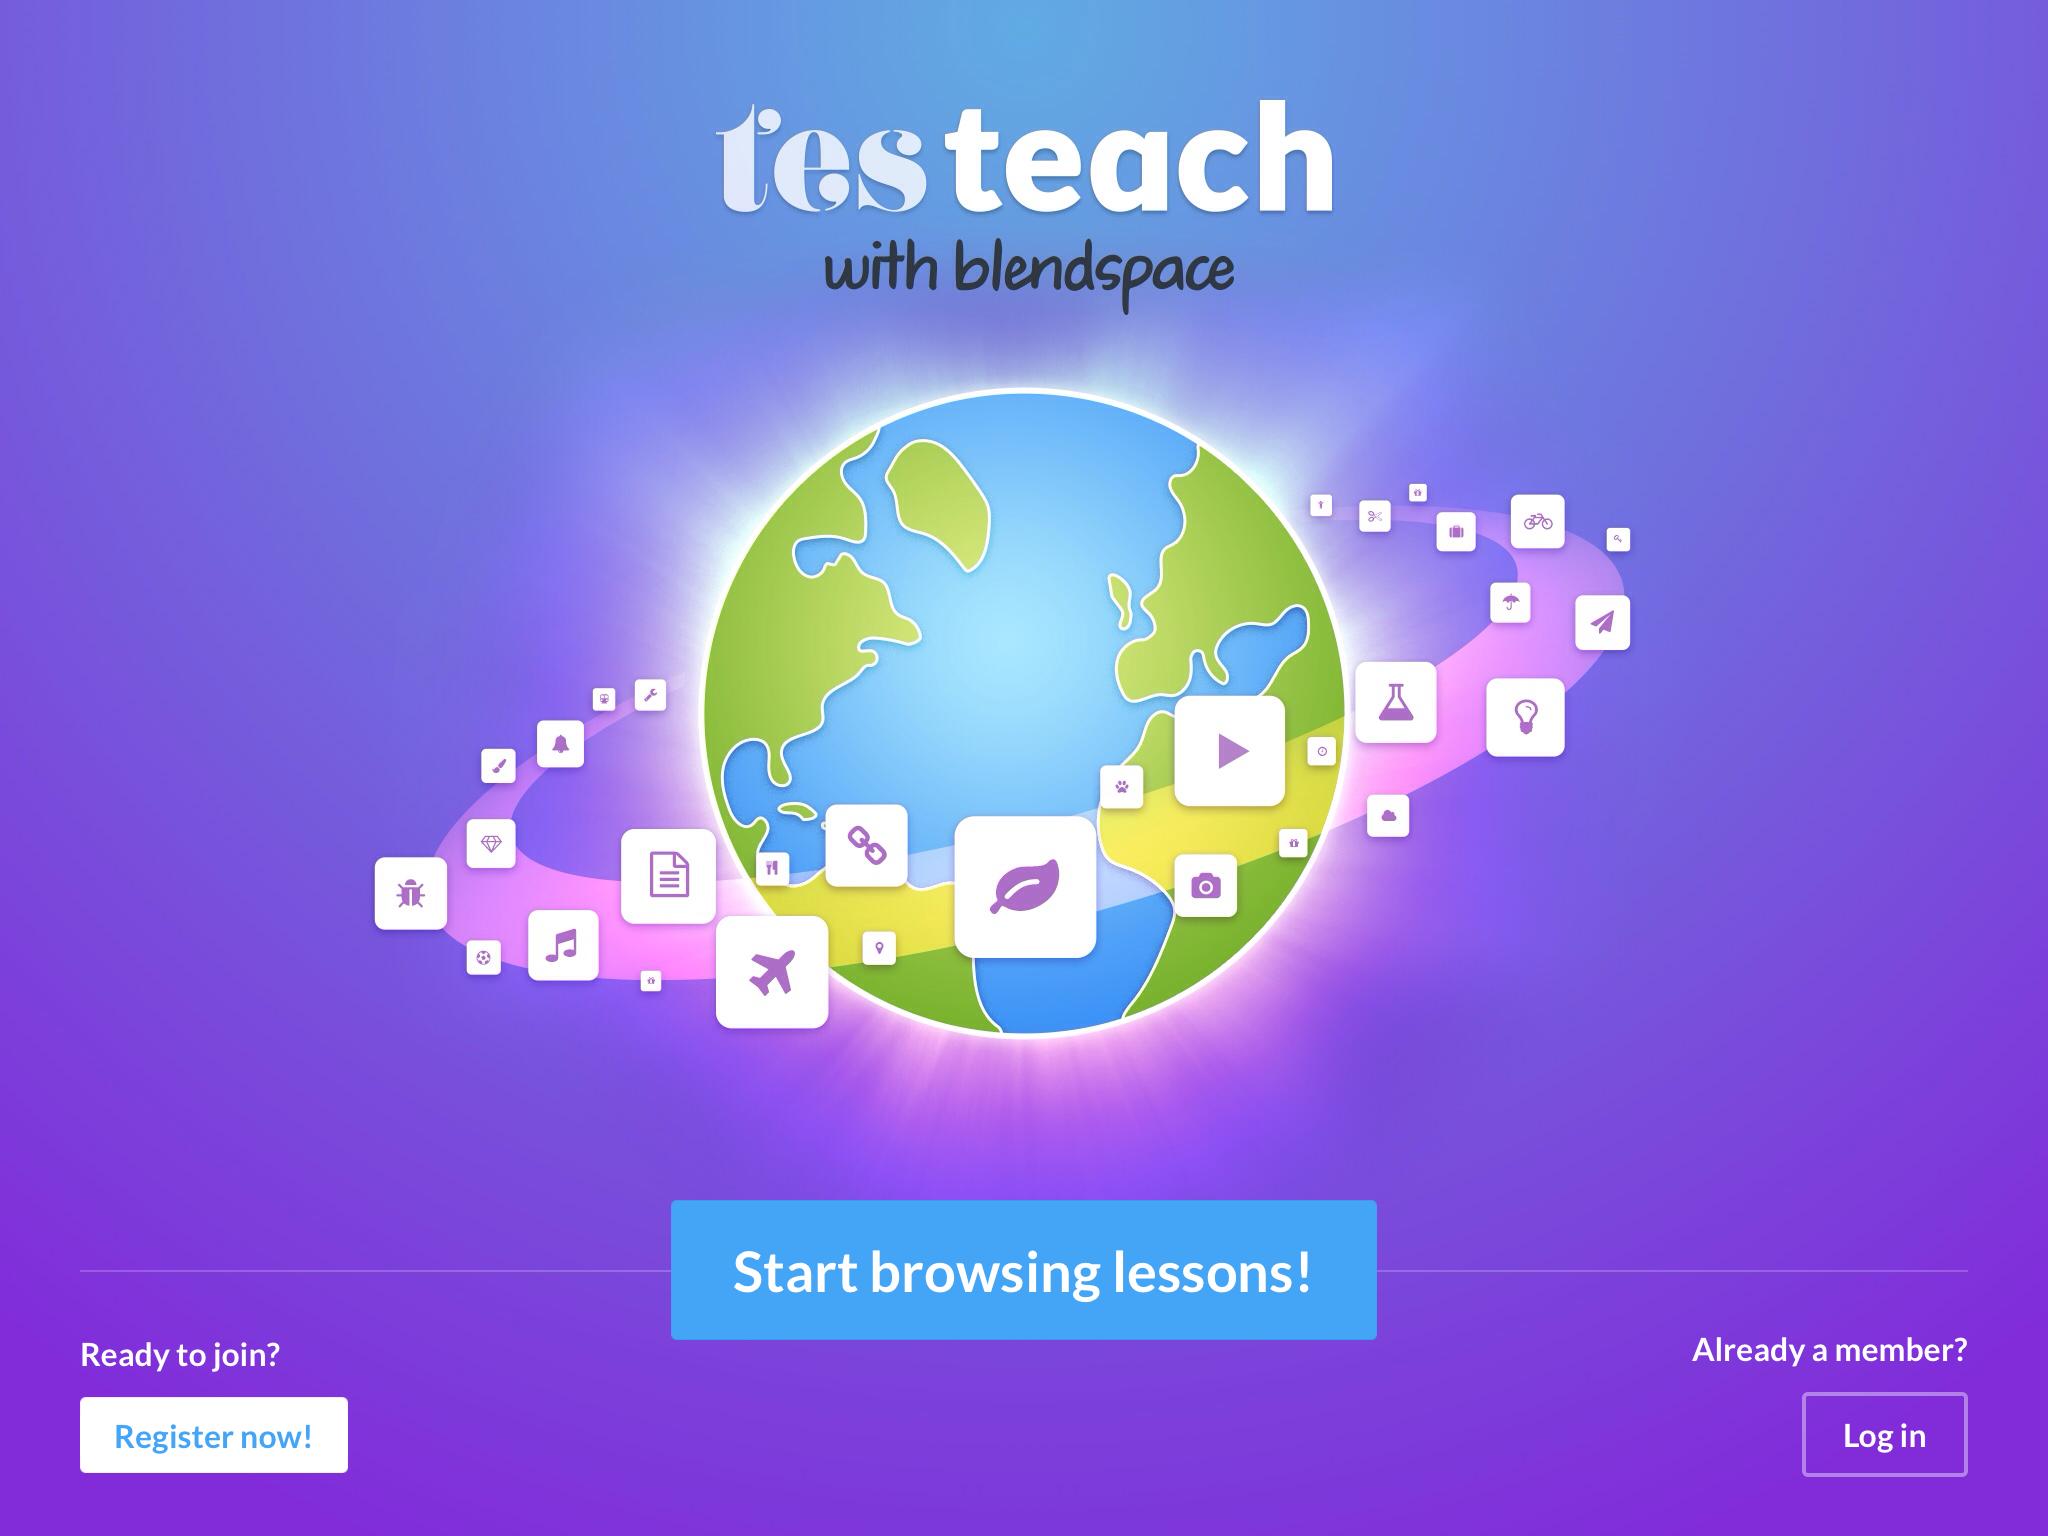 ae5775a314 TES Teach Blendspace App - Teaching with Technology